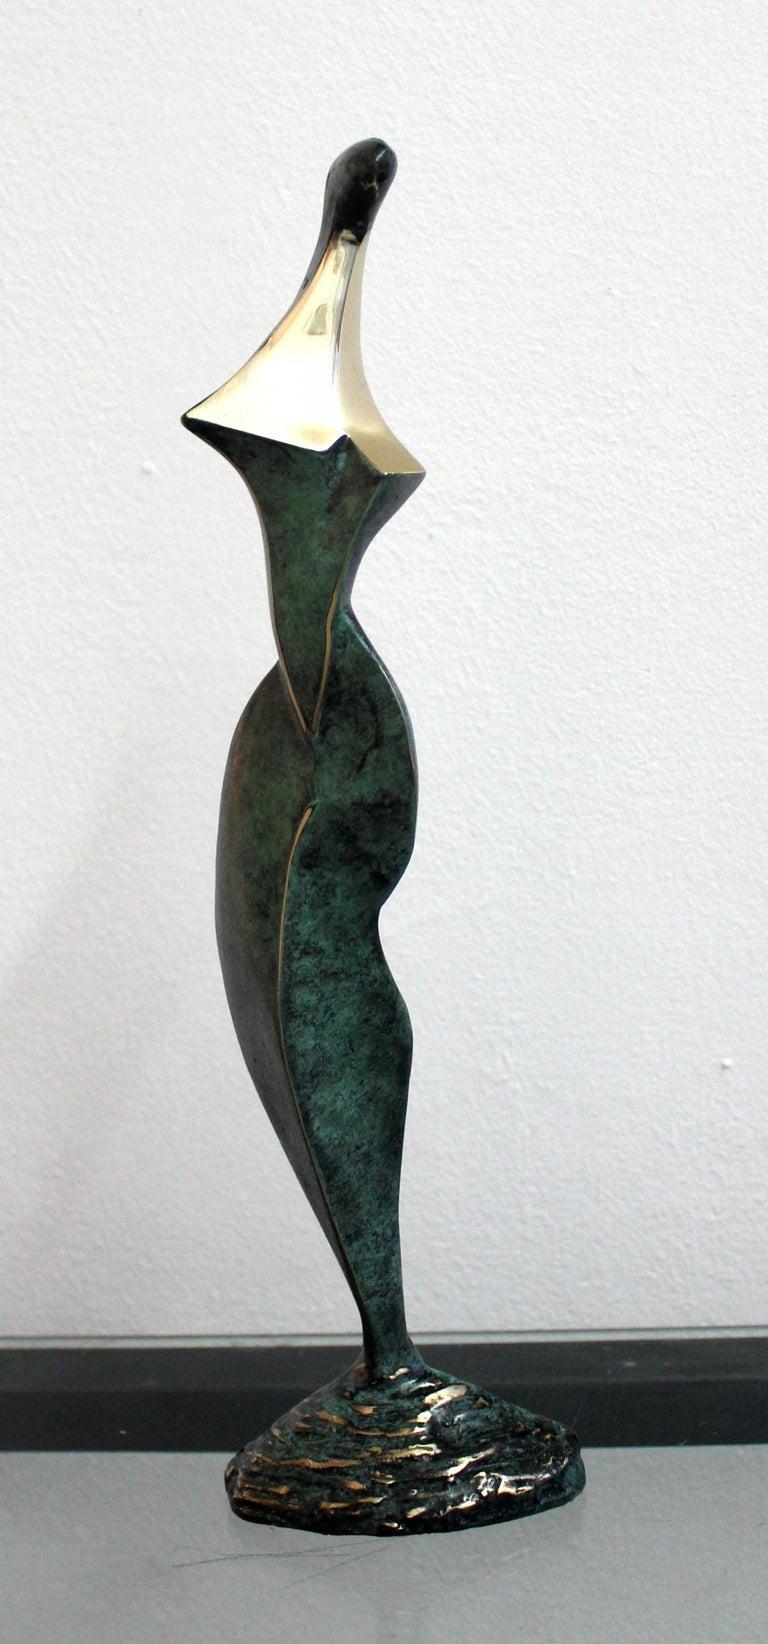 Stanisław Wysocki Figurative Sculpture - Dame - XXI Century, Contemporary Bronze Sculpture, Abstract, Figurative, Nude